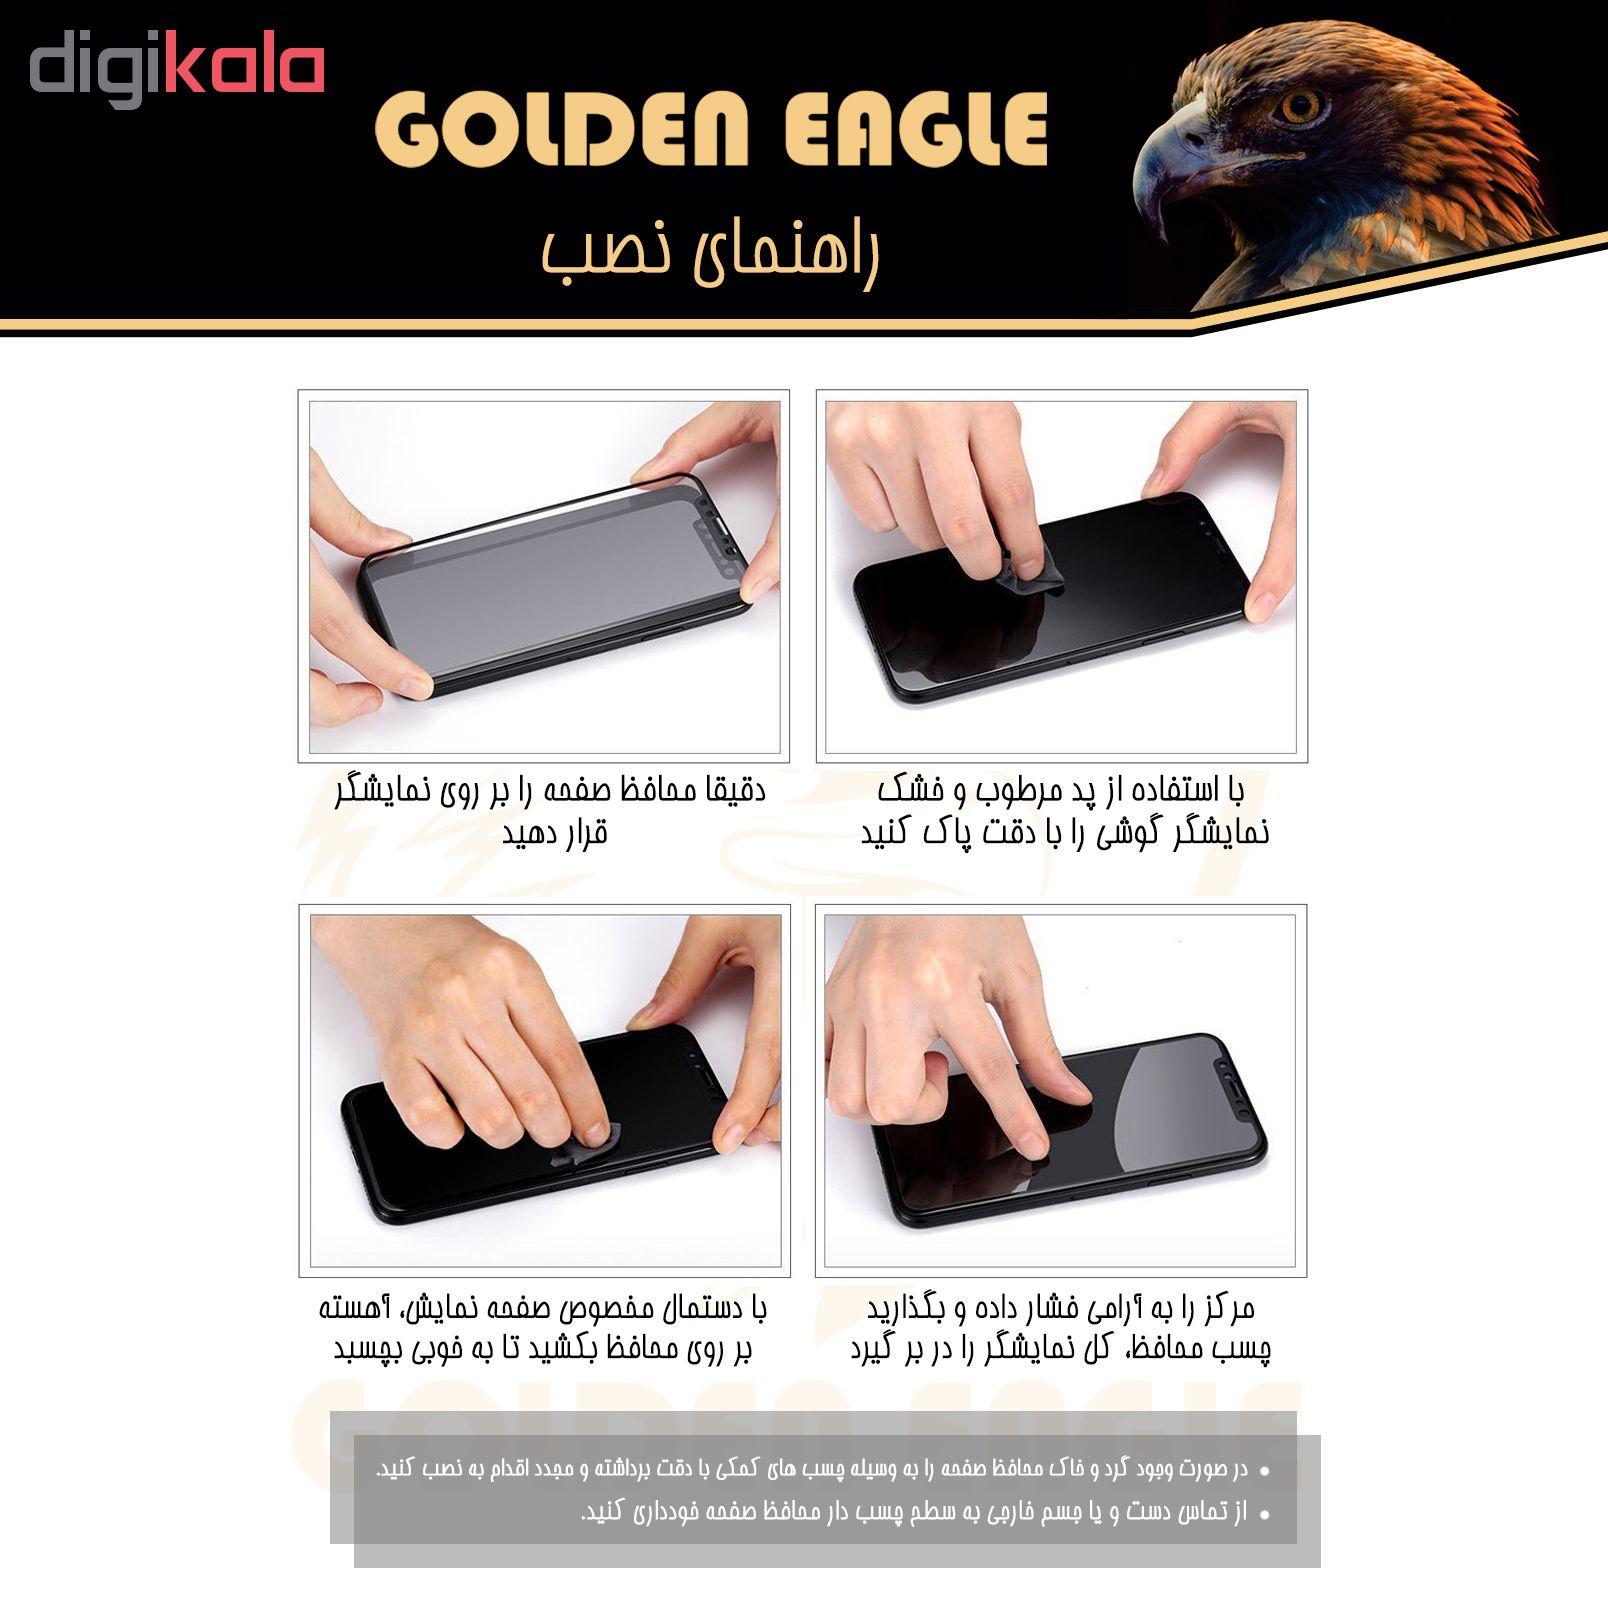 محافظ صفحه نمایش گلدن ایگل مدل GLC-X2 مناسب برای گوشی موبایل سامسونگ Galaxy A8 PLUS 2018 بسته دو عددی main 1 4